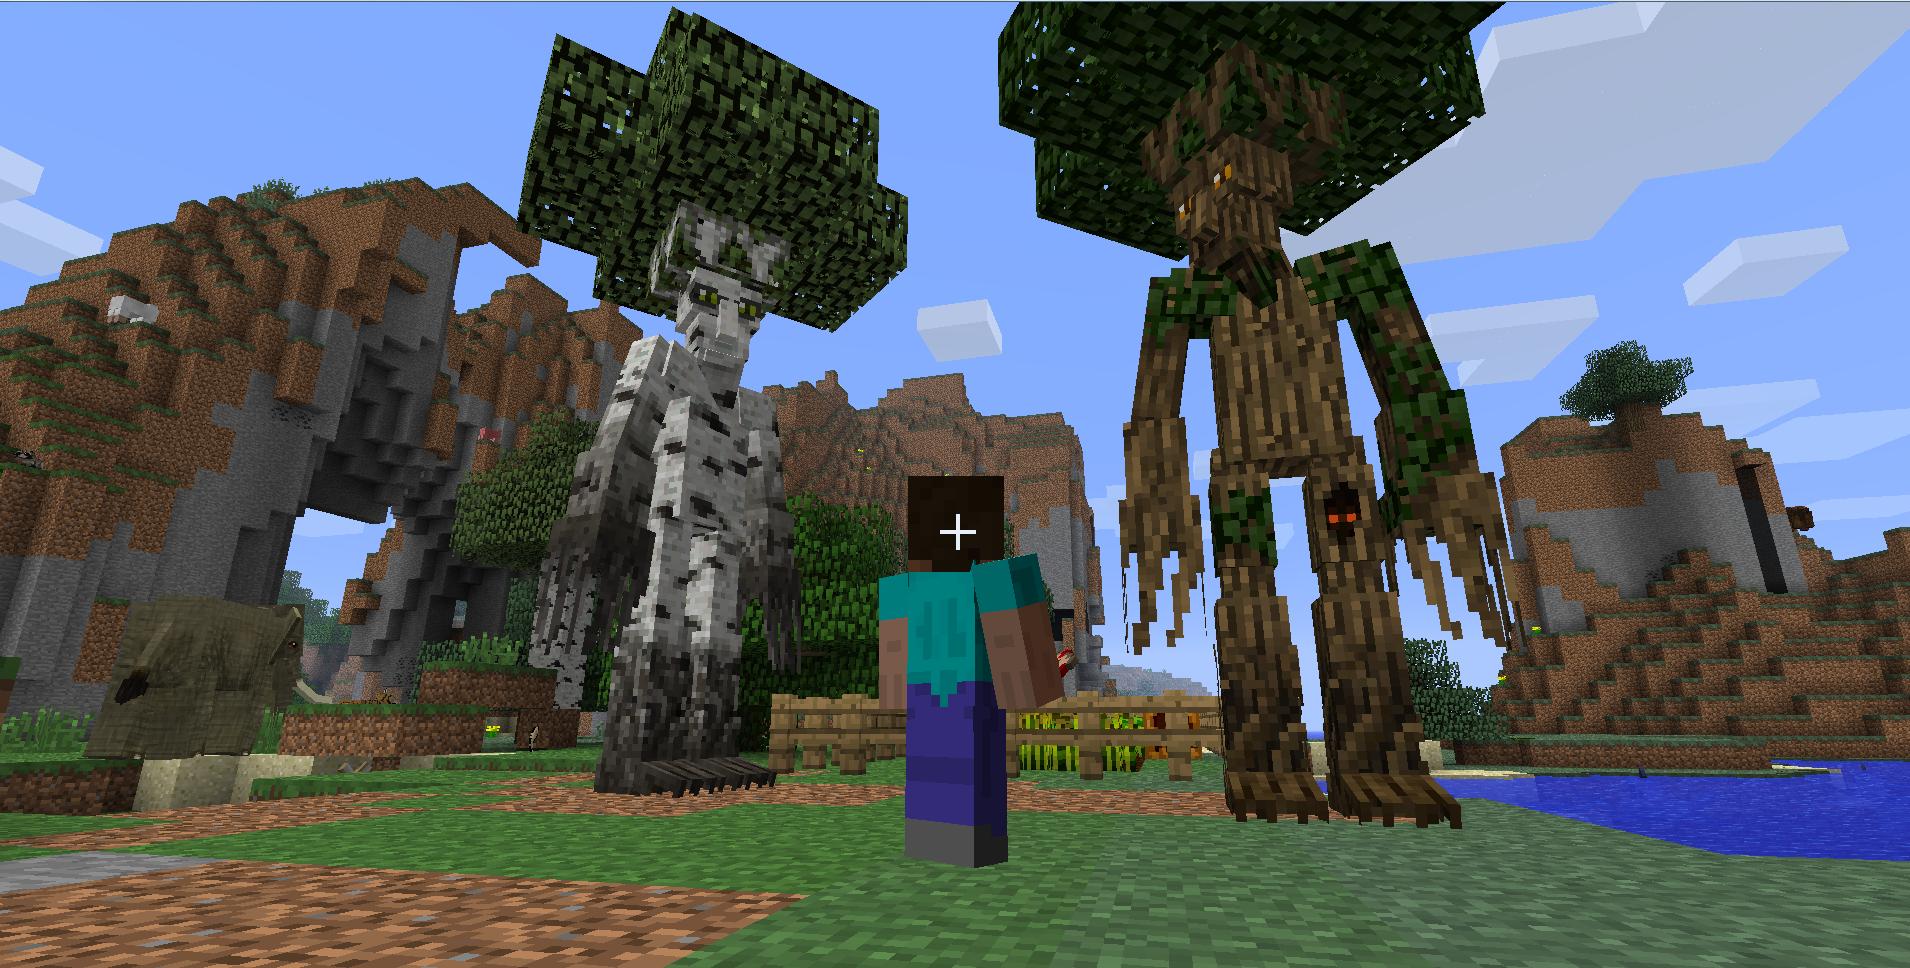 Minecraft mo creatures 1.5.2